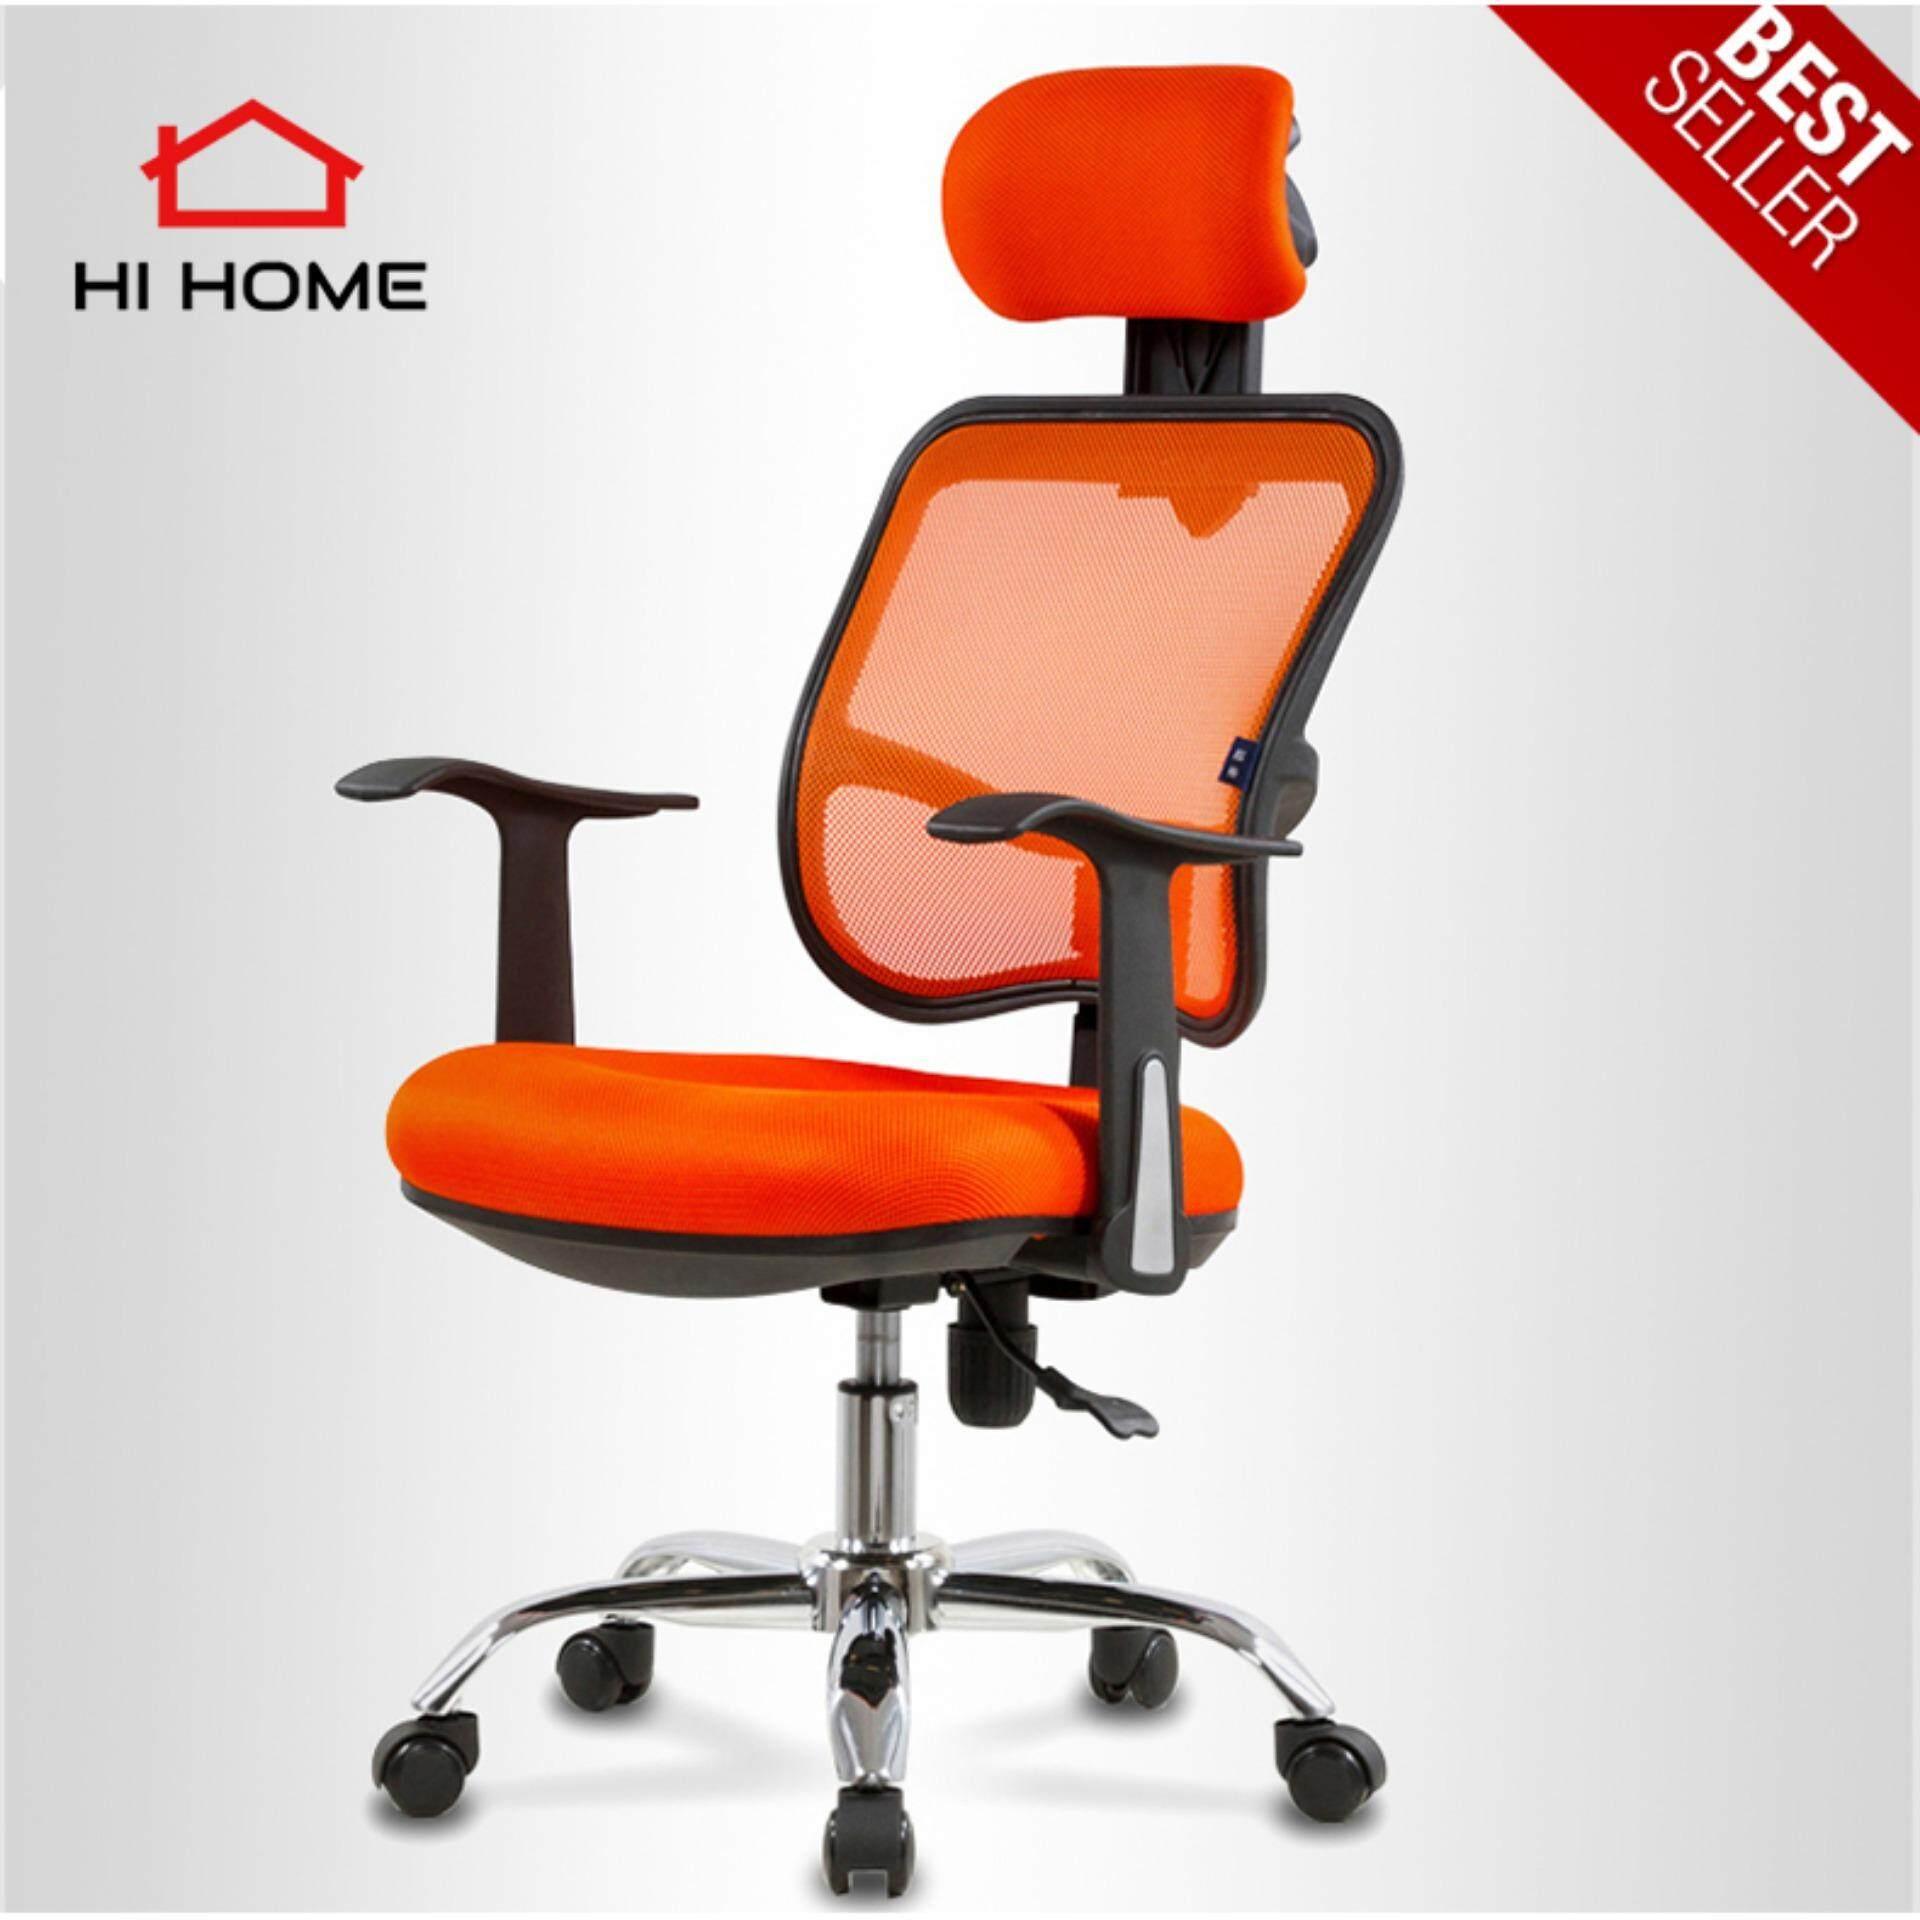 ยี่ห้อไหนดี  เก้าอี้ เก้าอี้ทำงาน เก้าอี้โฮมออฟฟิต เก้าอี้สำนักงาน (Orange) รุ่น C  Gaming chair Office Chair เก้าอี้ทำงาน เก้าอี้สุขภาพ เก้าอี้คอม เก้าอี้เกม เก้าอี้คอมนั่งสบาย เก้าอี้สำนักงาน เก้าอี้ผู้บริหาร เก้าอี้ทำงาน เฟอร์นิเจอร์สำนักงาน โฮมออฟฟิศ เก้าอี้ประชุม